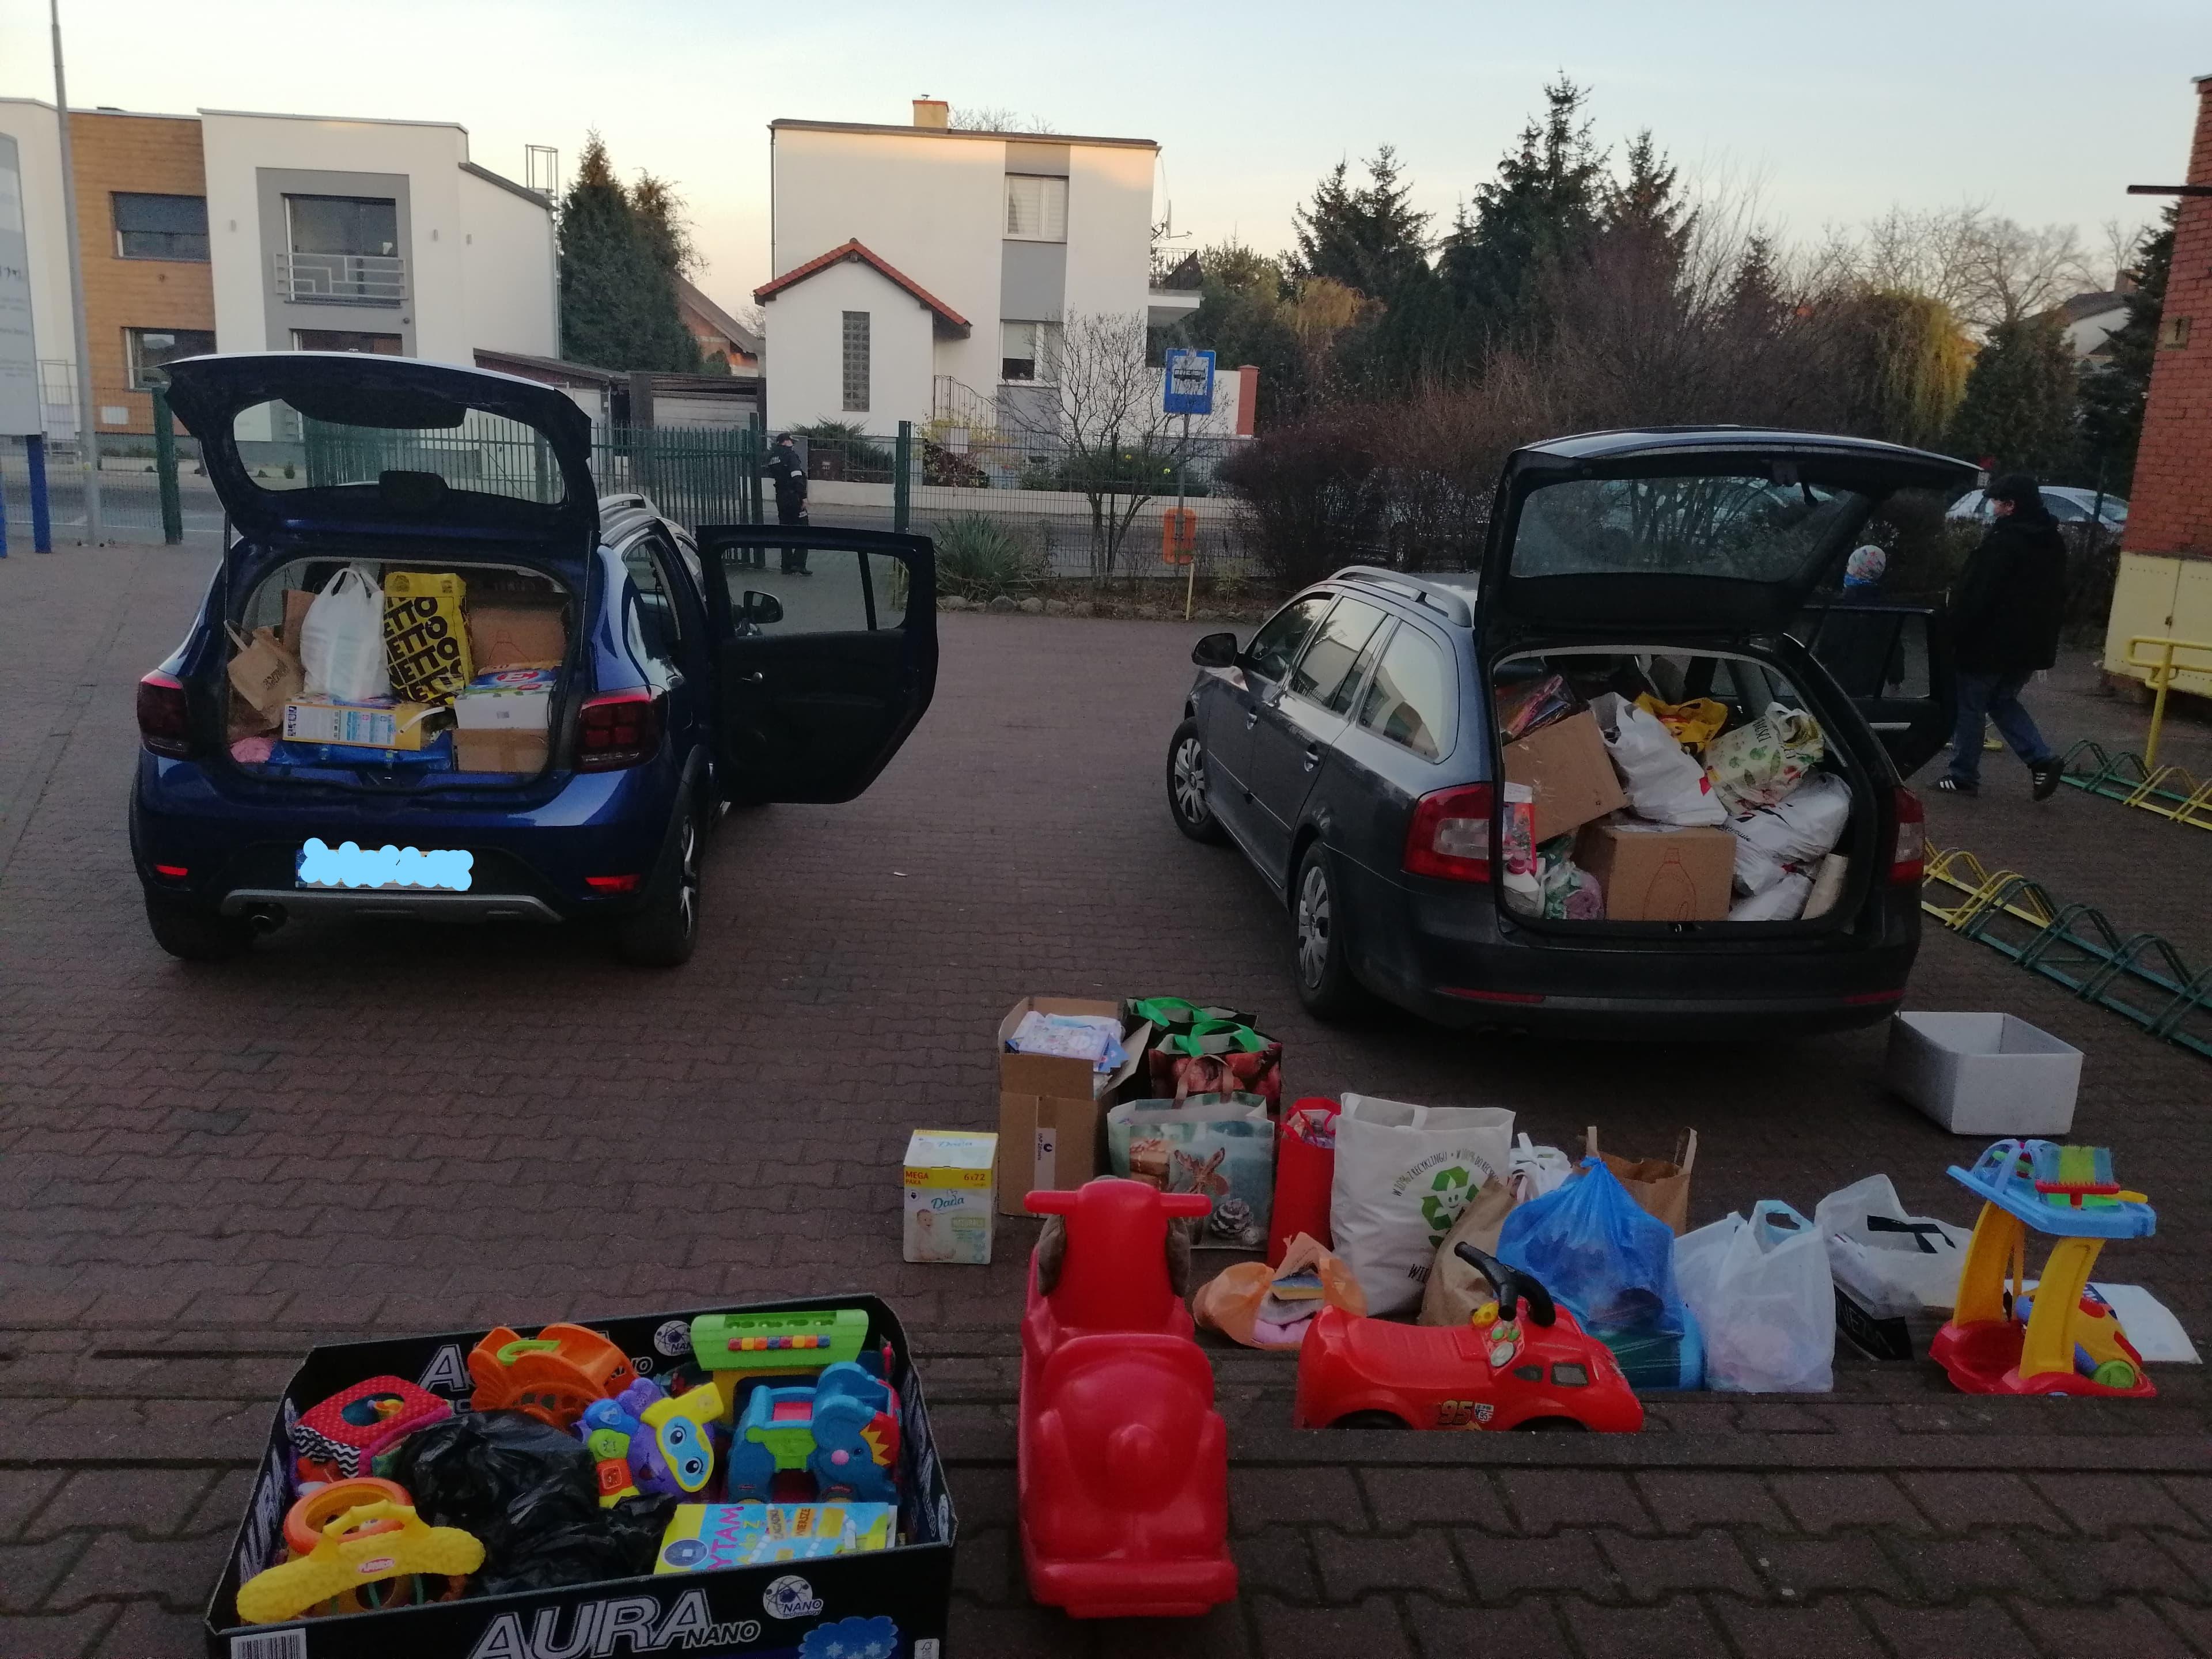 Zdjęcie przestawia zebrane przedmioty podczas pakowania do samochodów przed odwiezieniem do Hospicjum Domowego